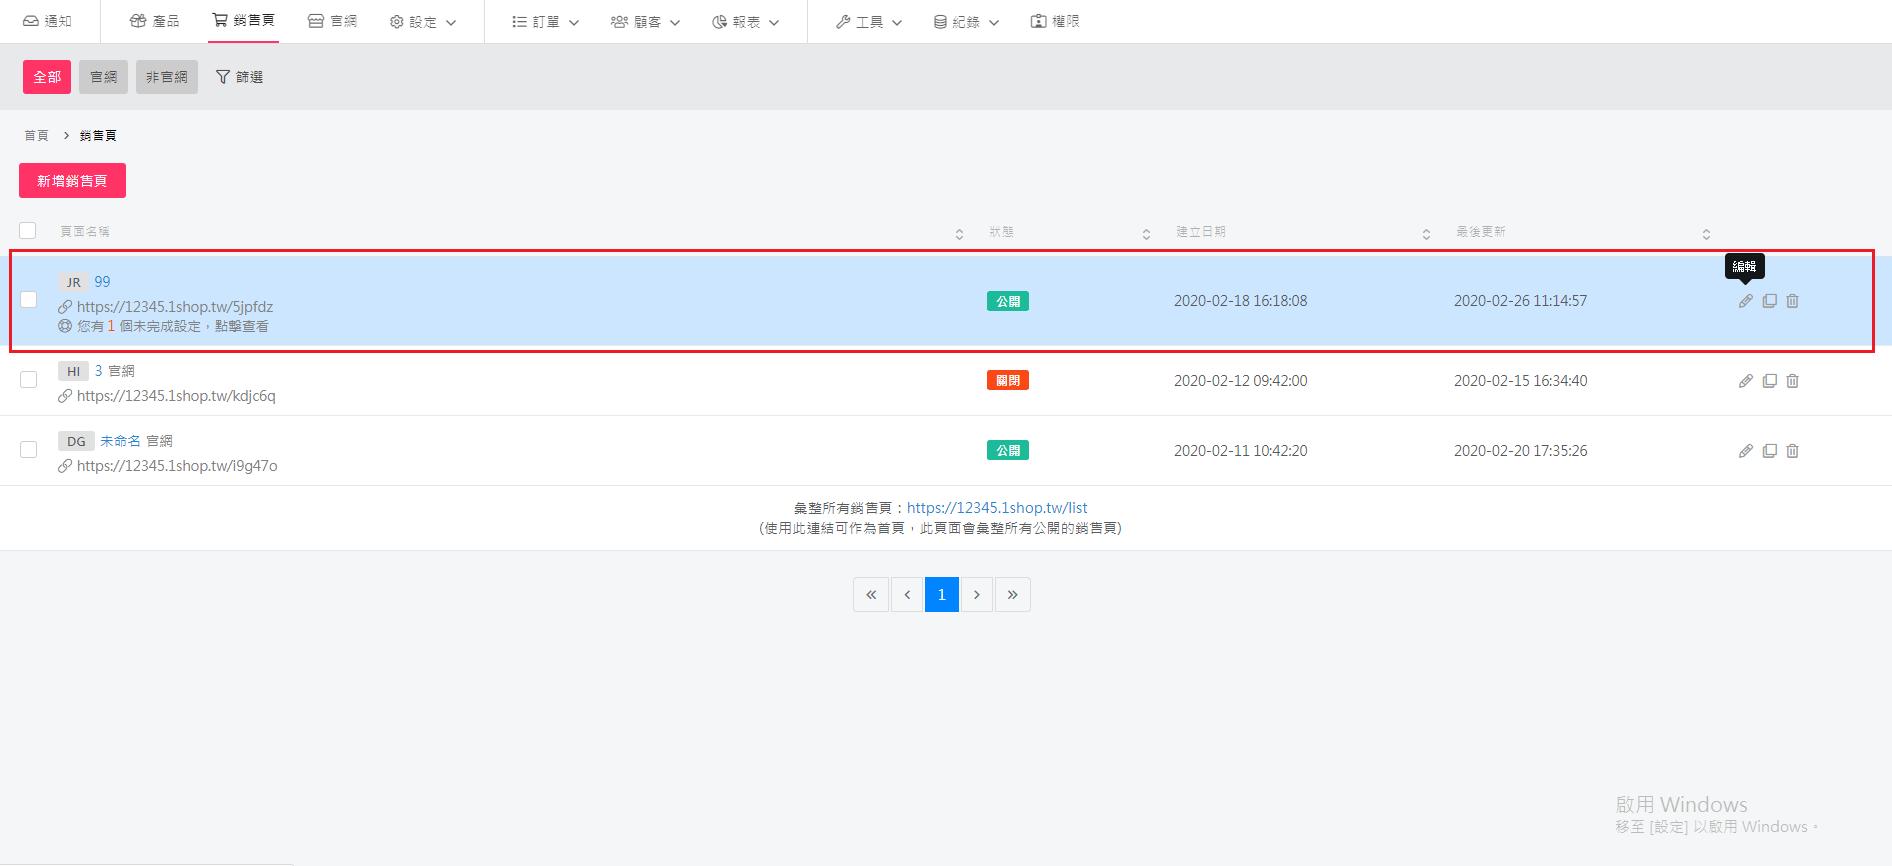 修改訂單通知中的商店名稱 編輯銷售頁名稱